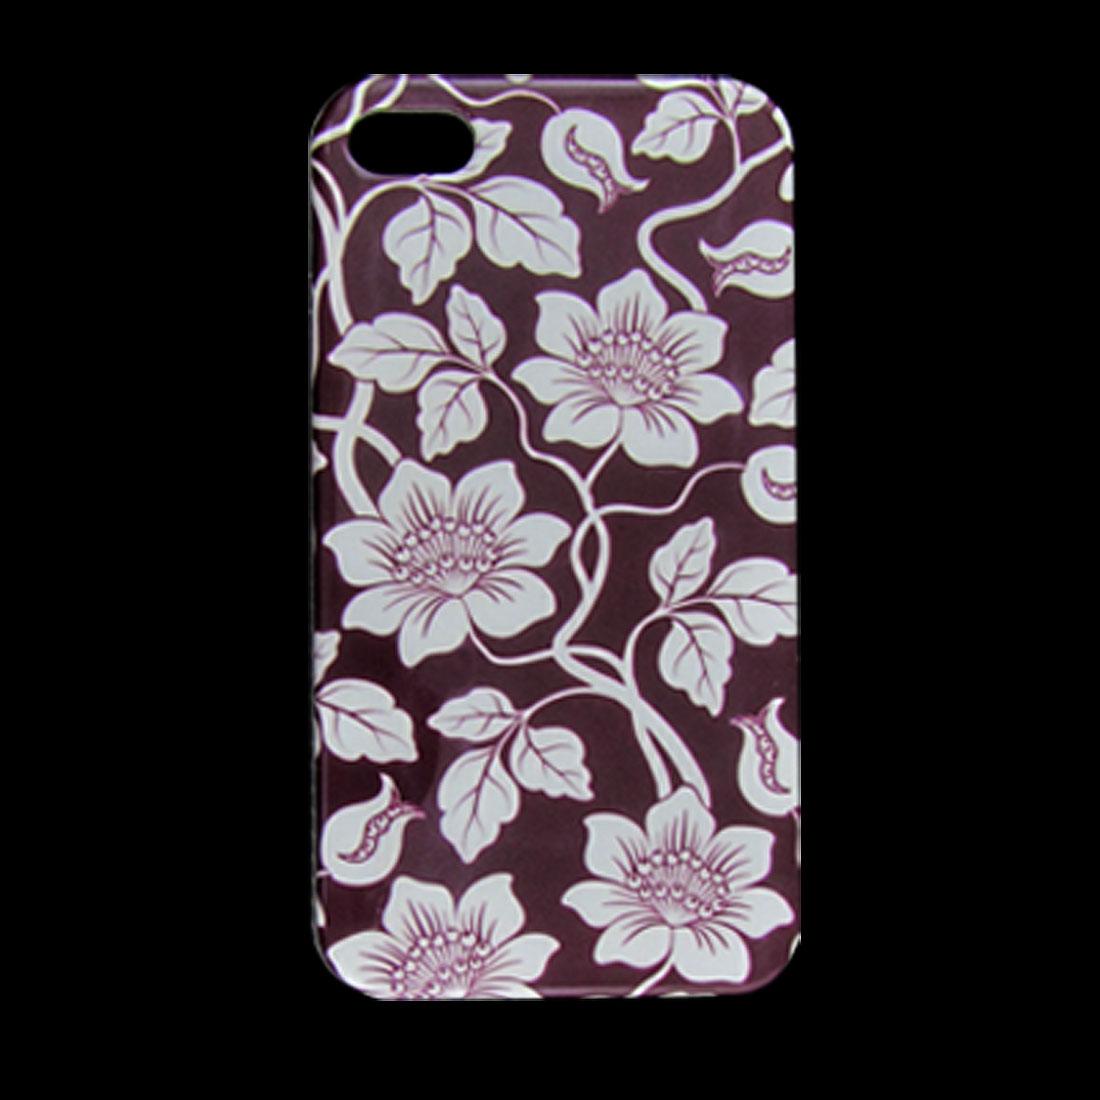 Floral Pattern Nonslip Side IMD Back Case Burgundy for iPhone 4 4G